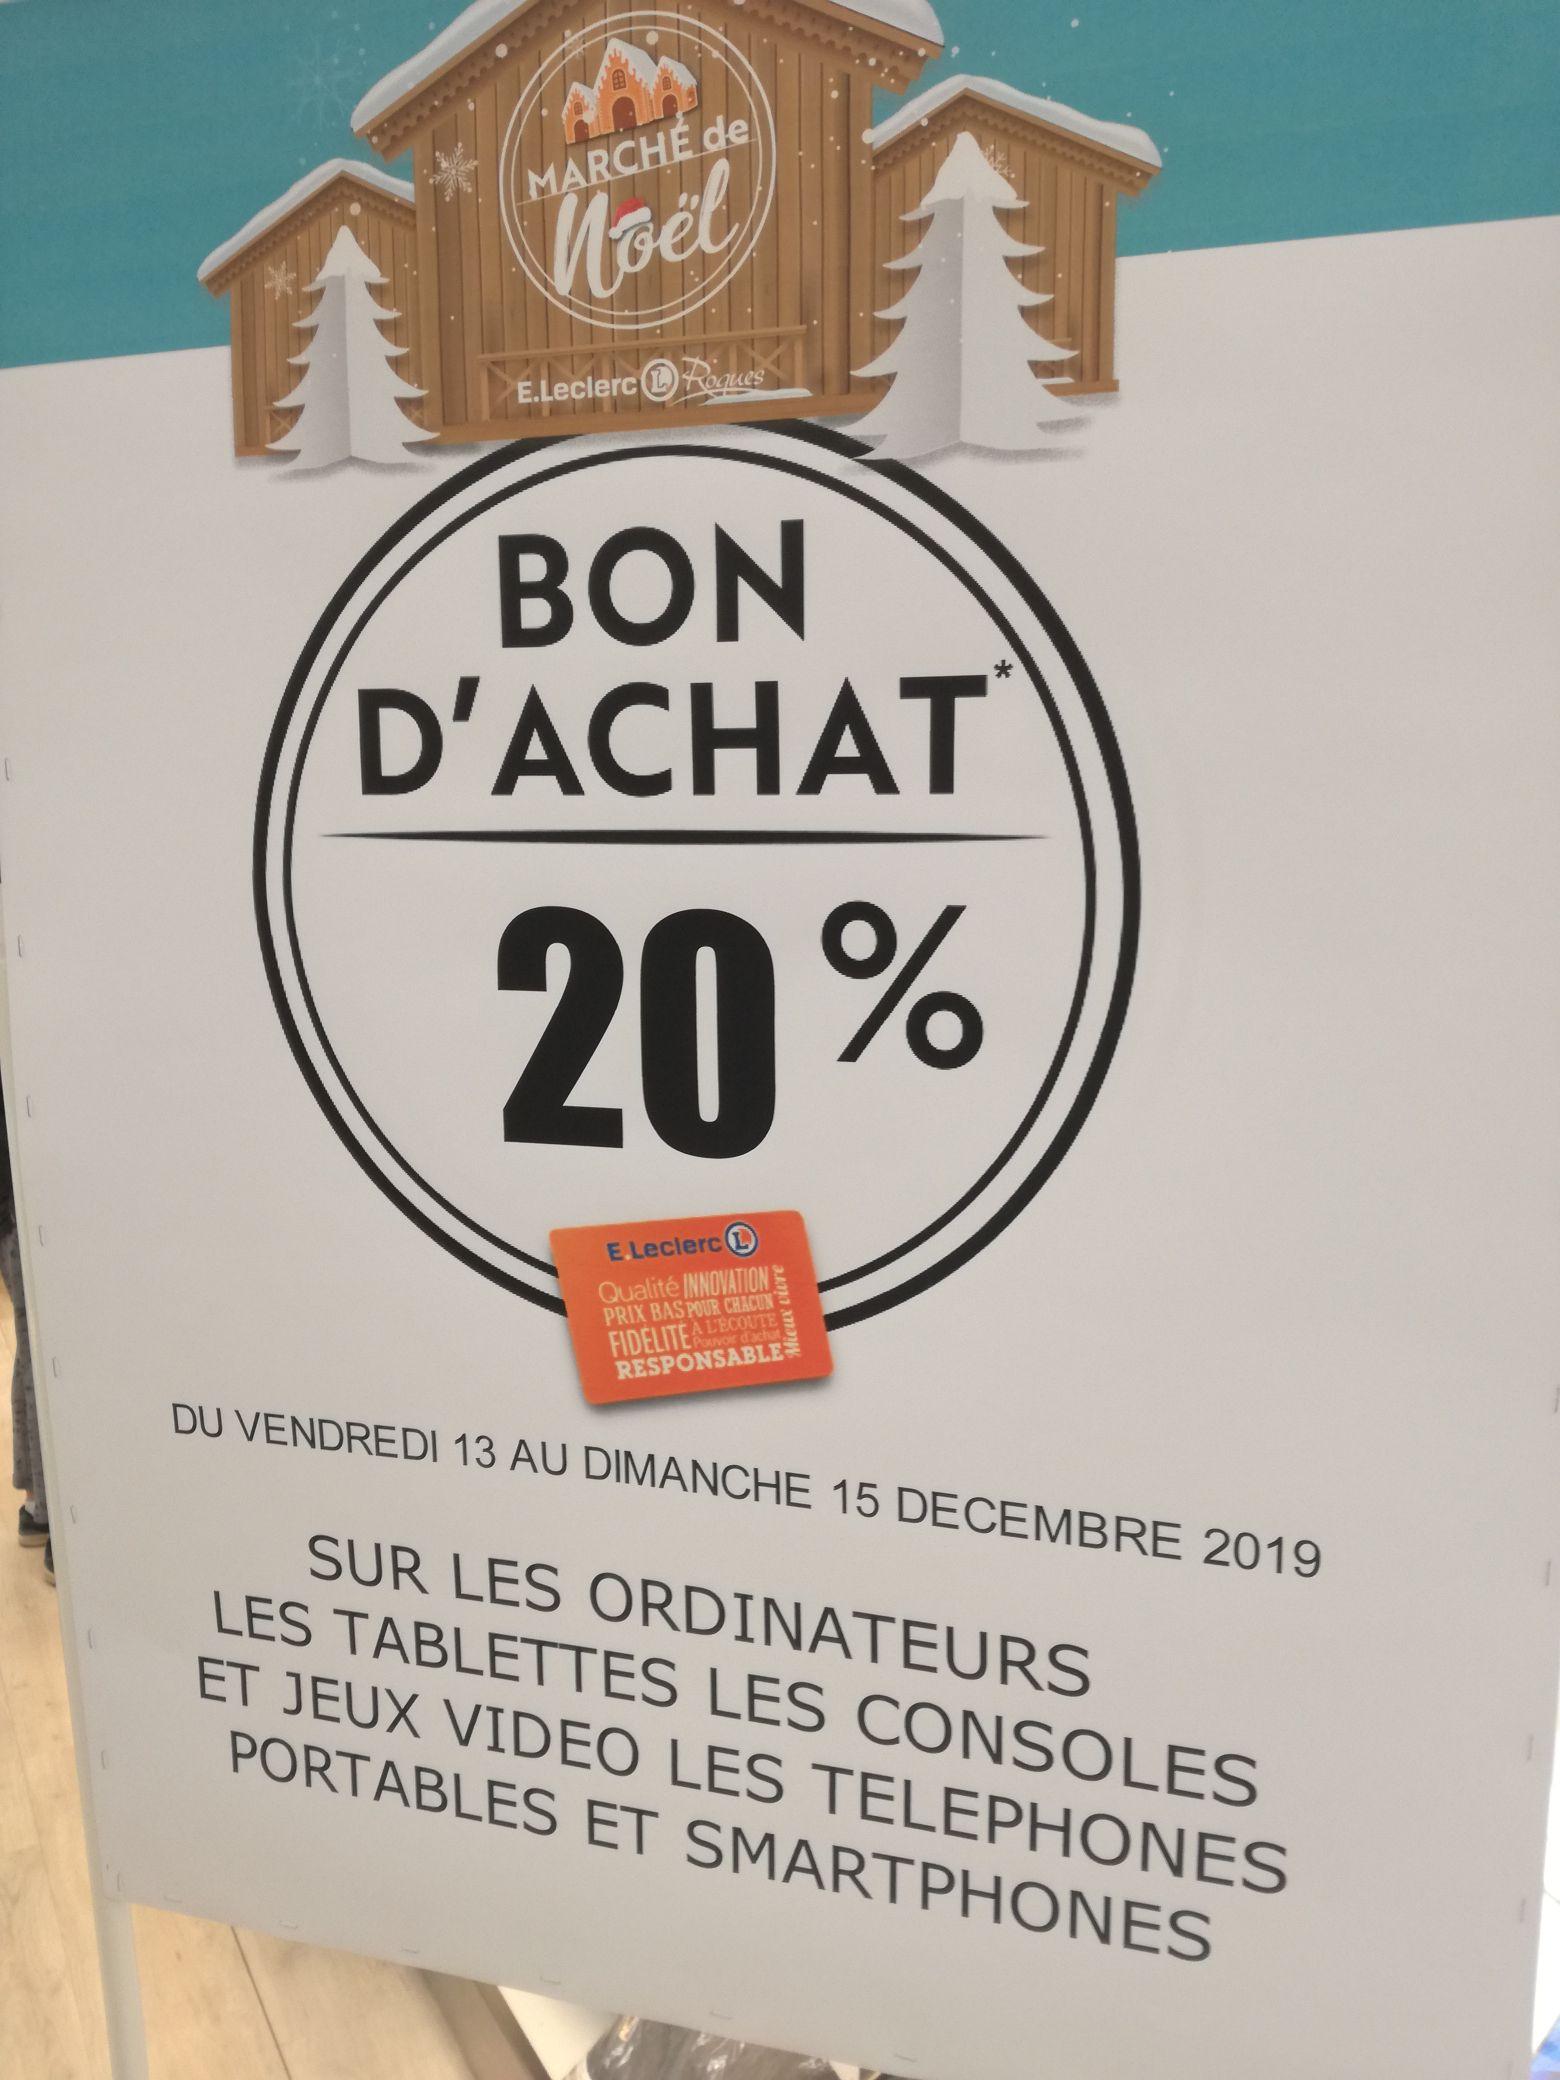 20% en bon d'achat sur les smartphones/ordinateurs/jeux vidéo - Roques sur Garonne (31)